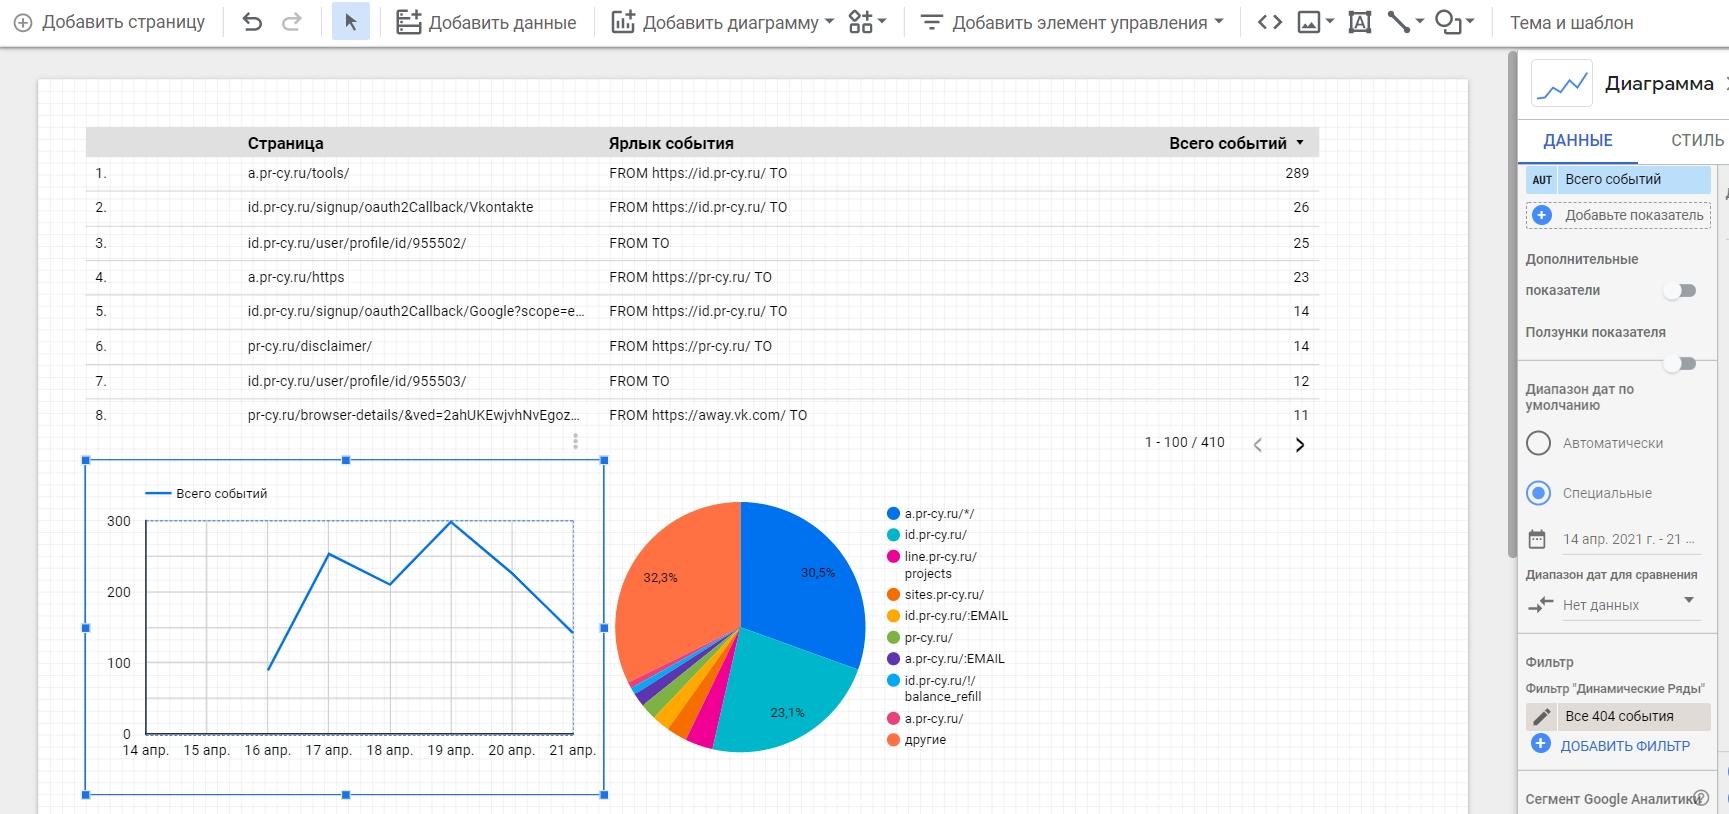 Создание графиков и диаграмм в Data Studio